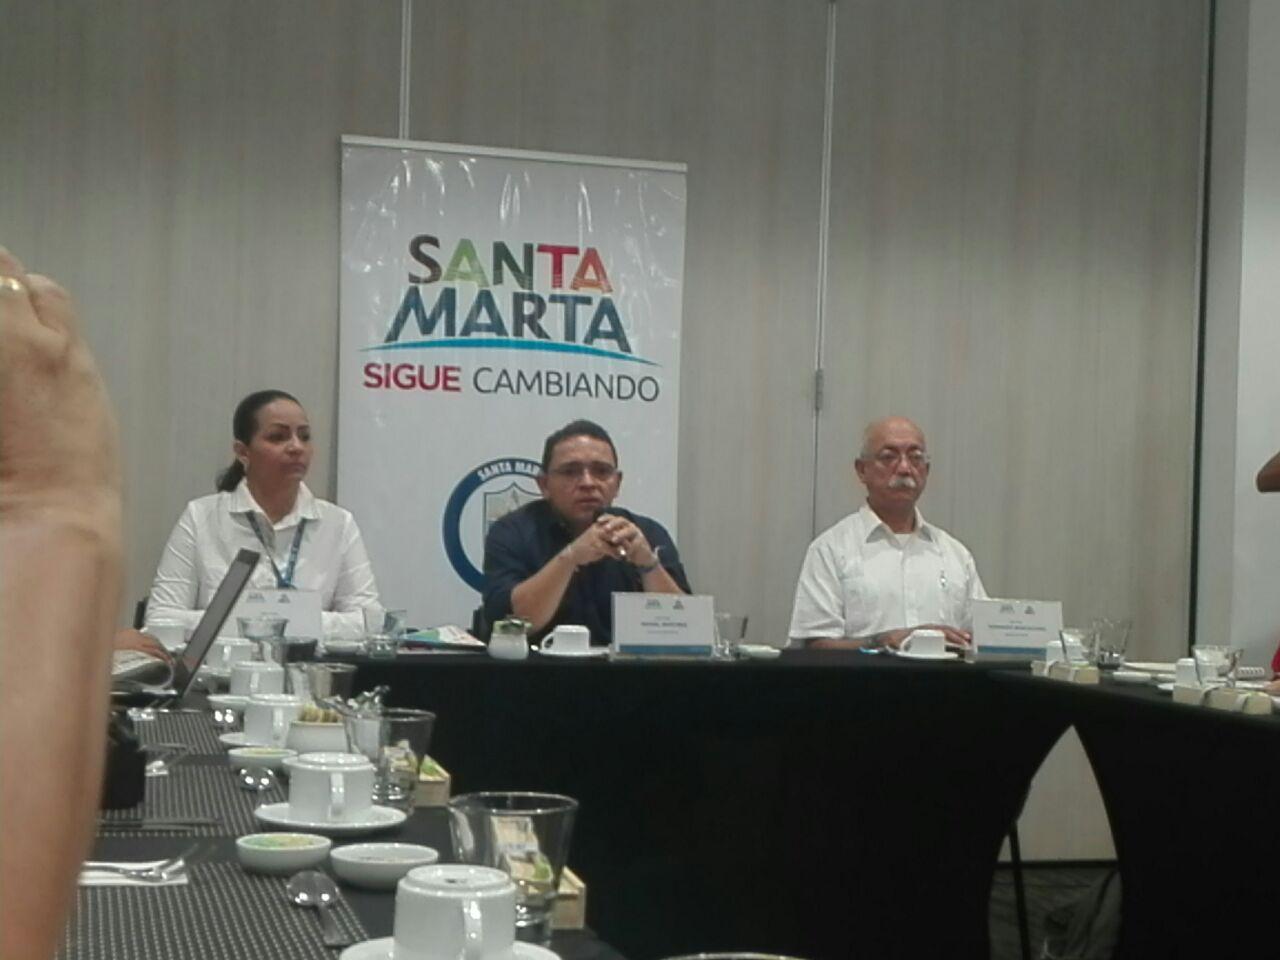 Rueda de prensa del primer mes de operación del acueducto en Santa Marta.